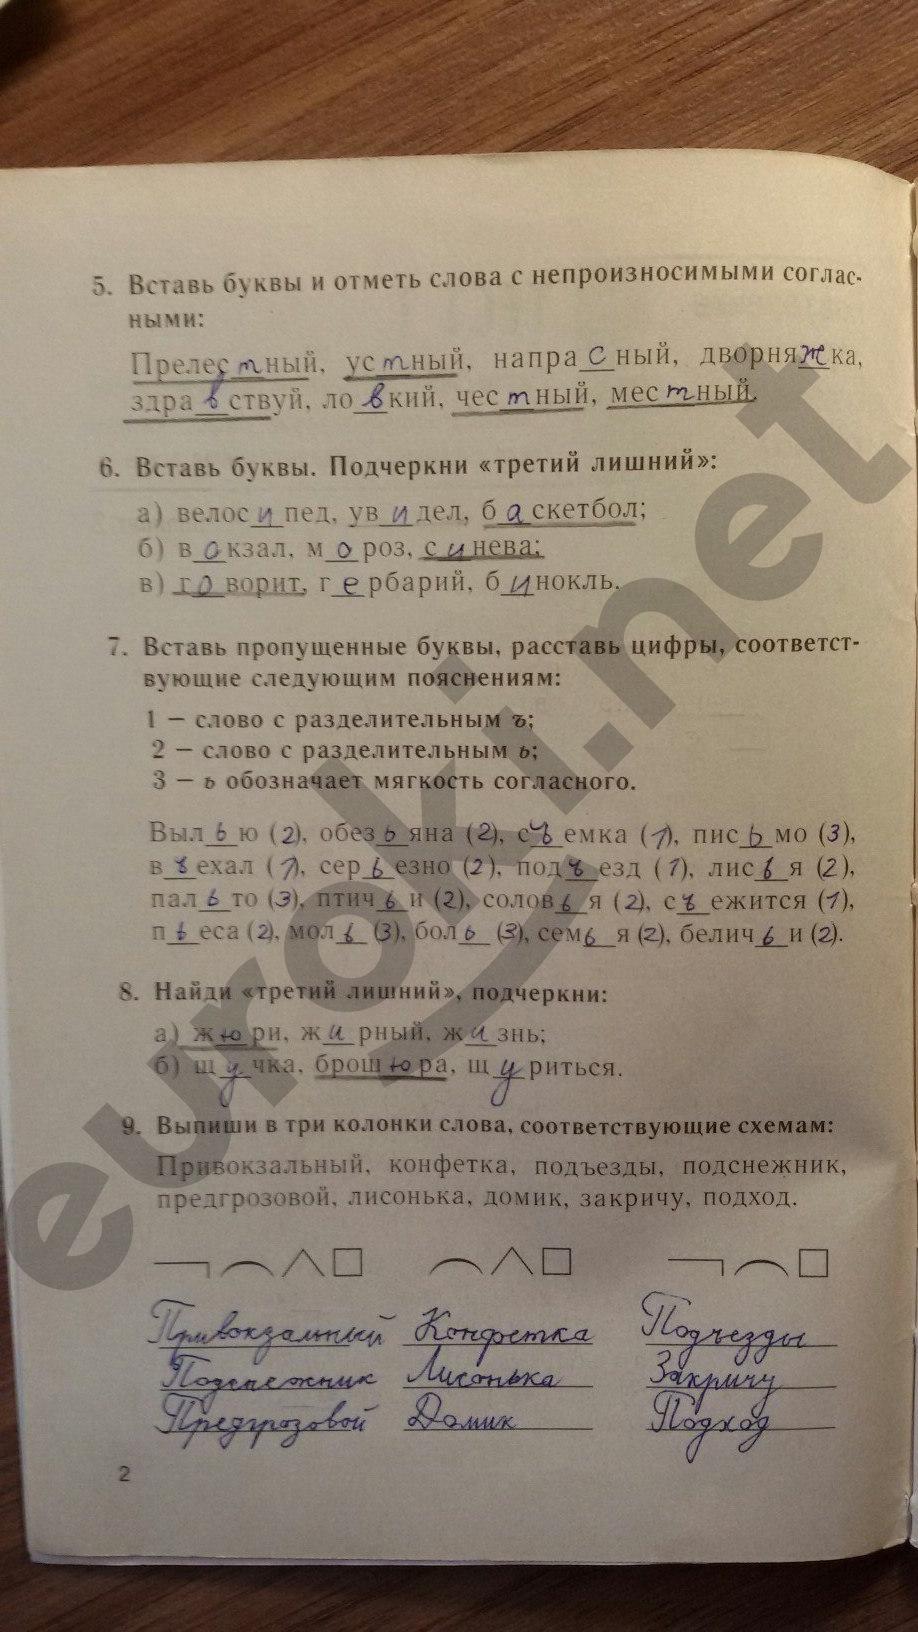 Тесты по русскому языку 5 класс книгина скачать 1 часть